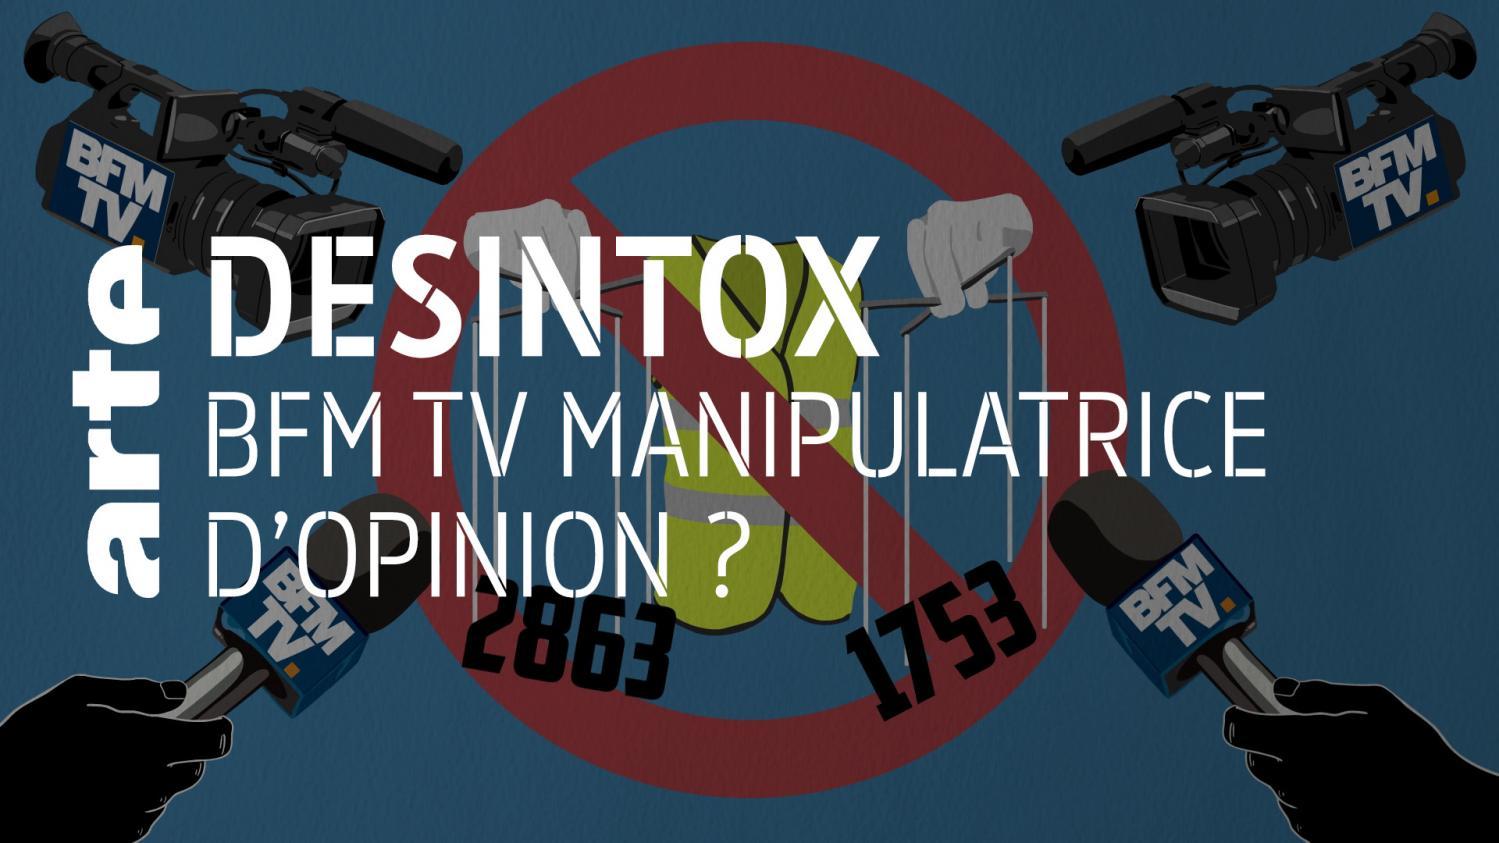 VRAI OU FAKE Désintox. BFM TV a raison : 1,50 € correspondait bien à 1,69 francs en 1973.